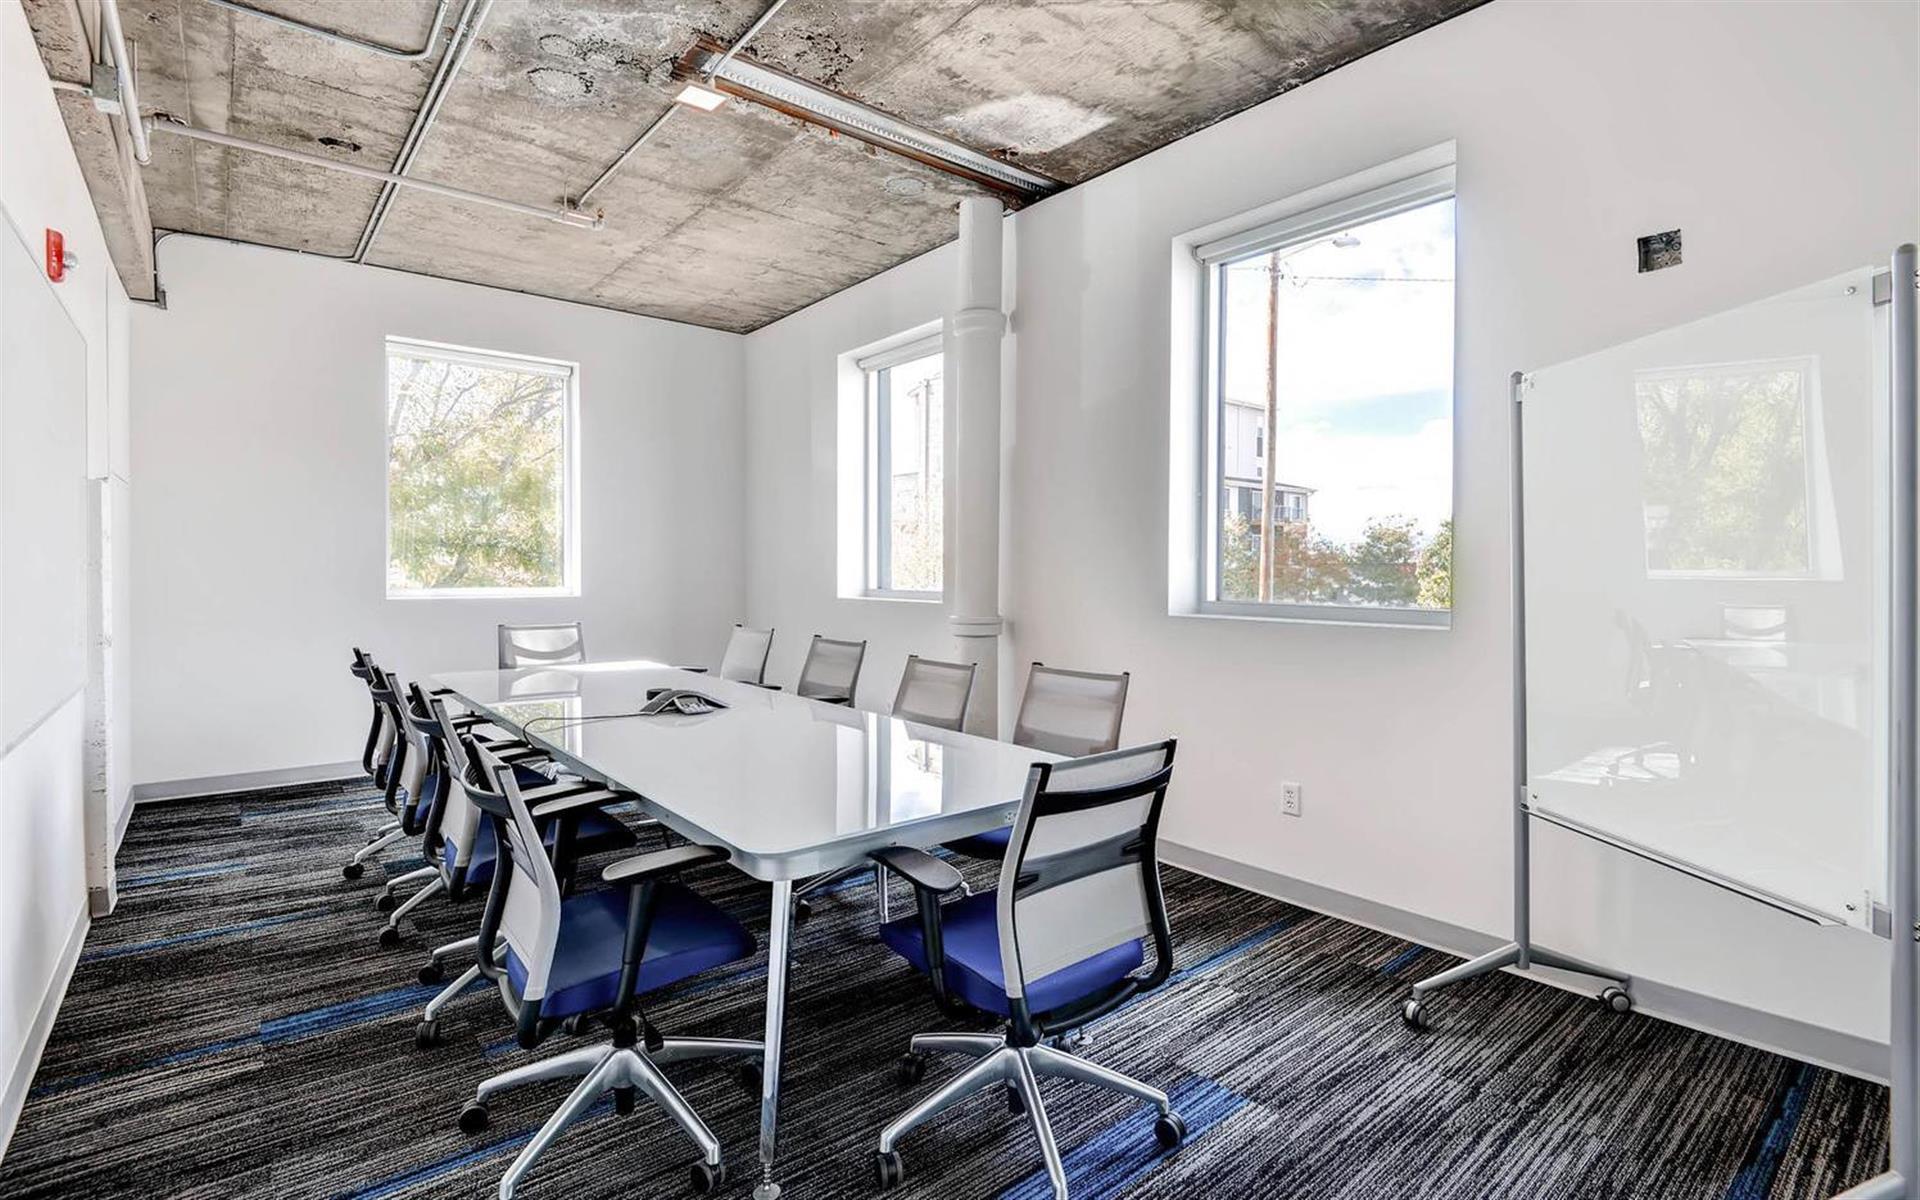 Enterprise Coworking - Sunnyside Meeting Room